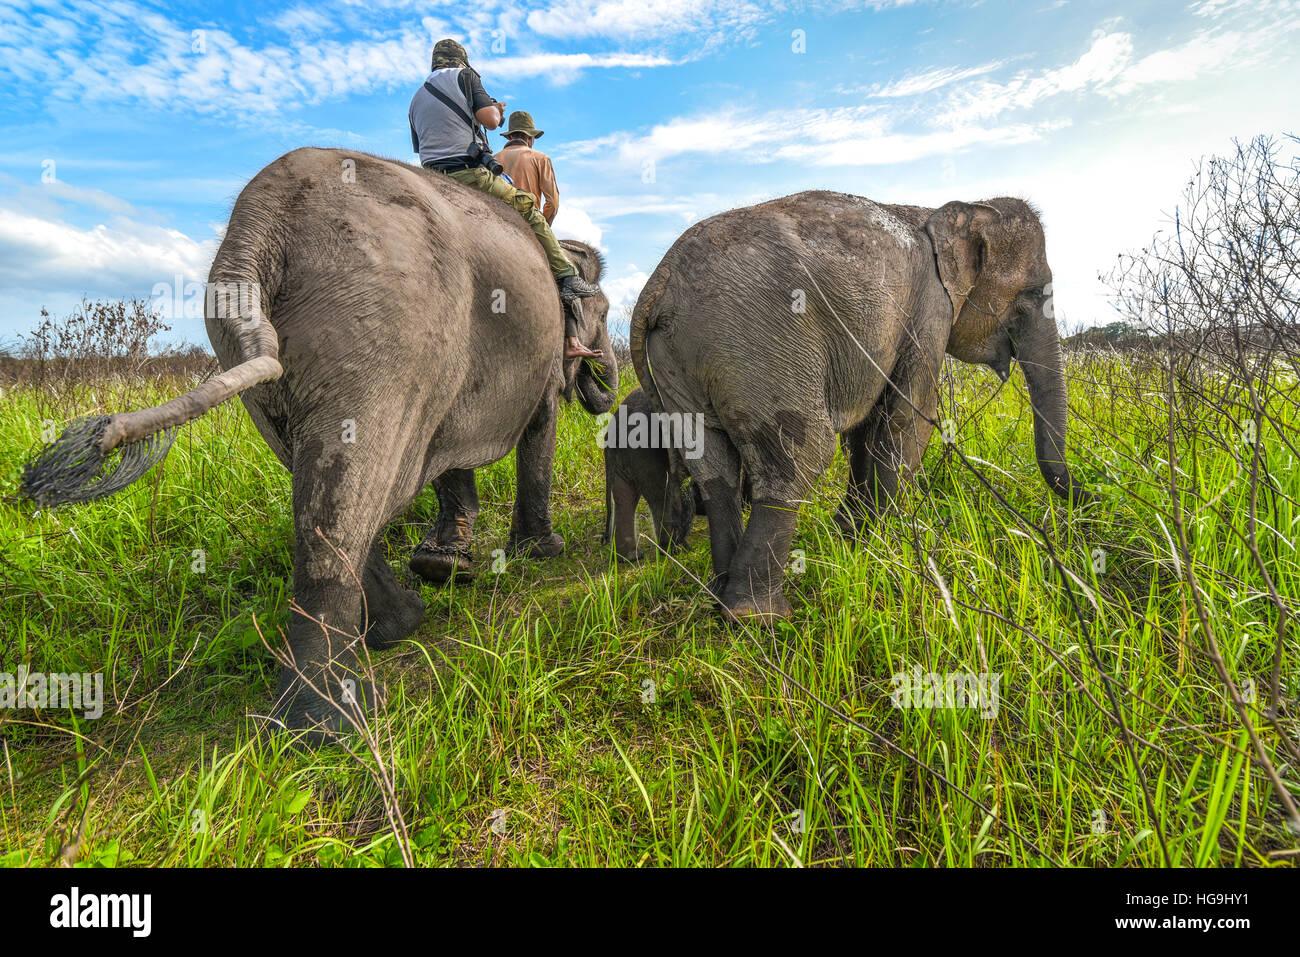 Paseos en elefante en el Parque Nacional Way Kambas, Lampung, Sumatra, Indonesia. © Reynold Sumayku Imagen De Stock